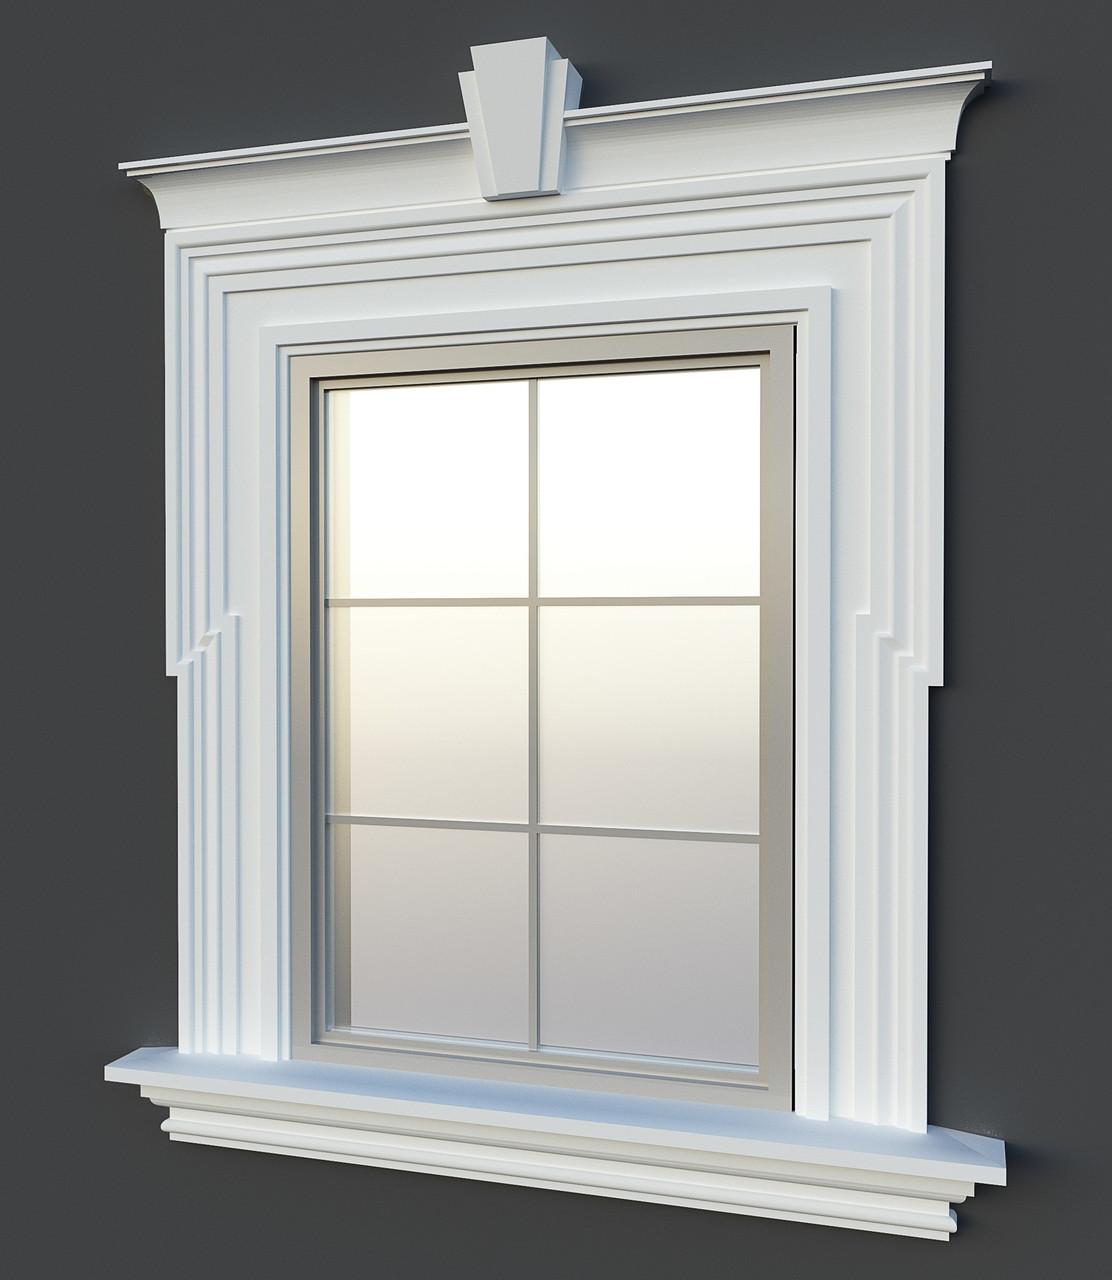 фото обналички на окна из полиуретана для безалкогольных крепких